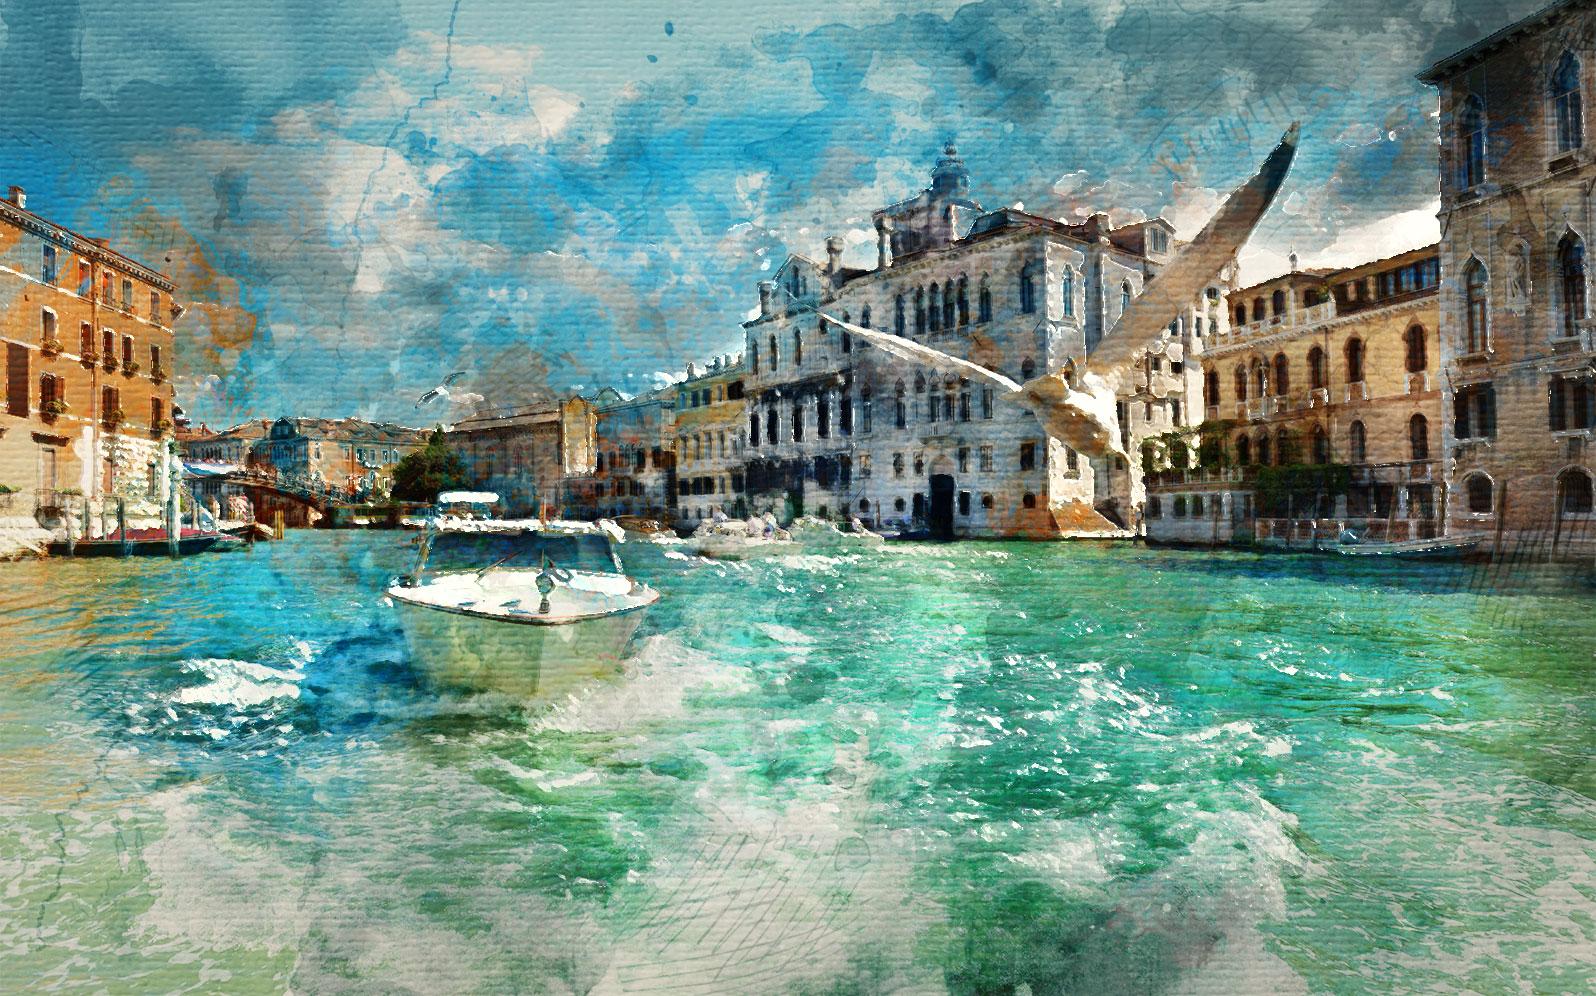 Viaje recomendado a Italia – El arte de vivir – De Roma a la Toscana y Venecia